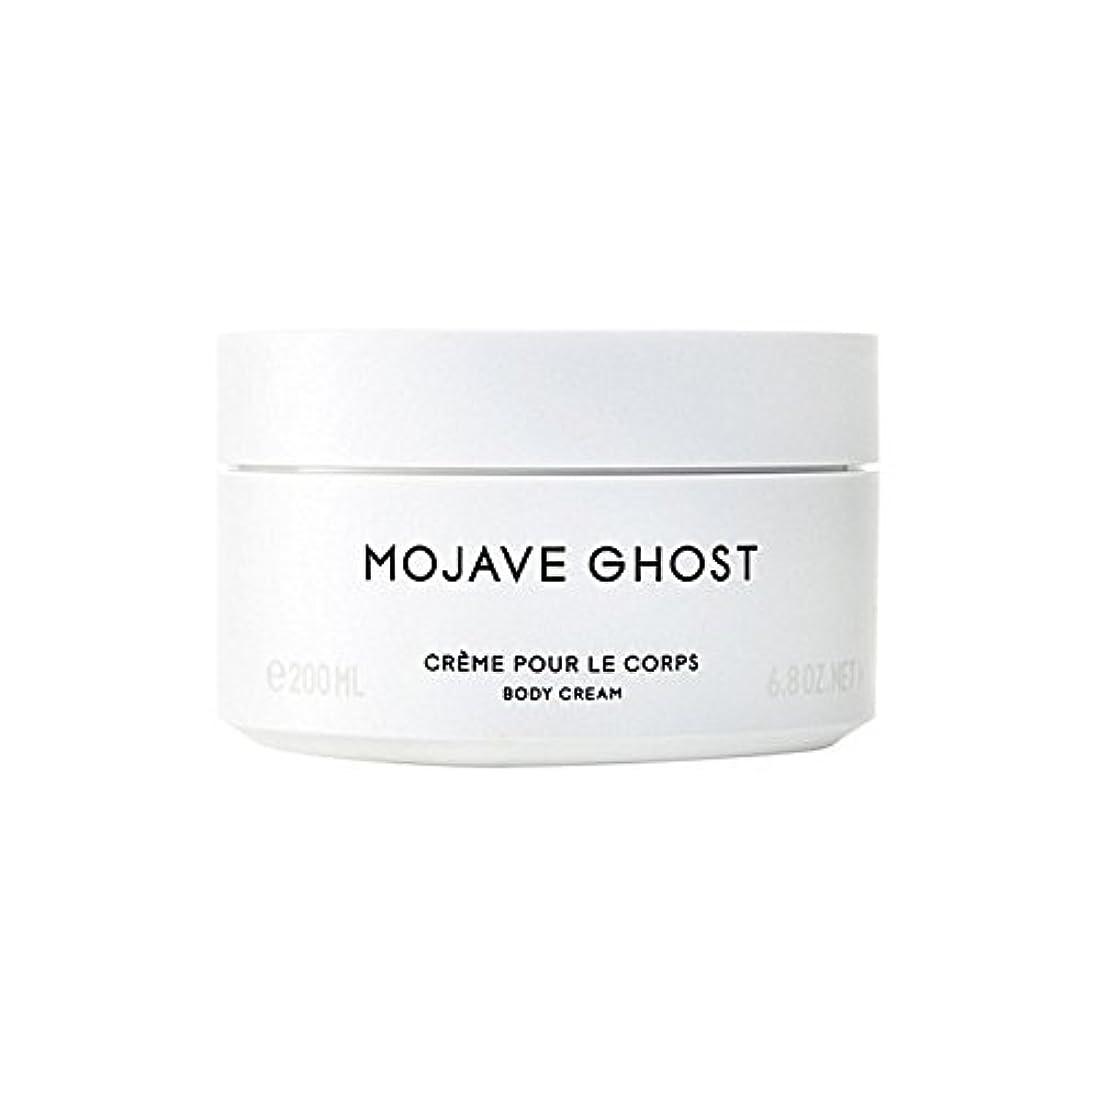 苦しみ連合決めますByredo Mojave Ghost Body Cream 200ml (Pack of 6) - モハーベゴーストボディクリーム200ミリリットル x6 [並行輸入品]